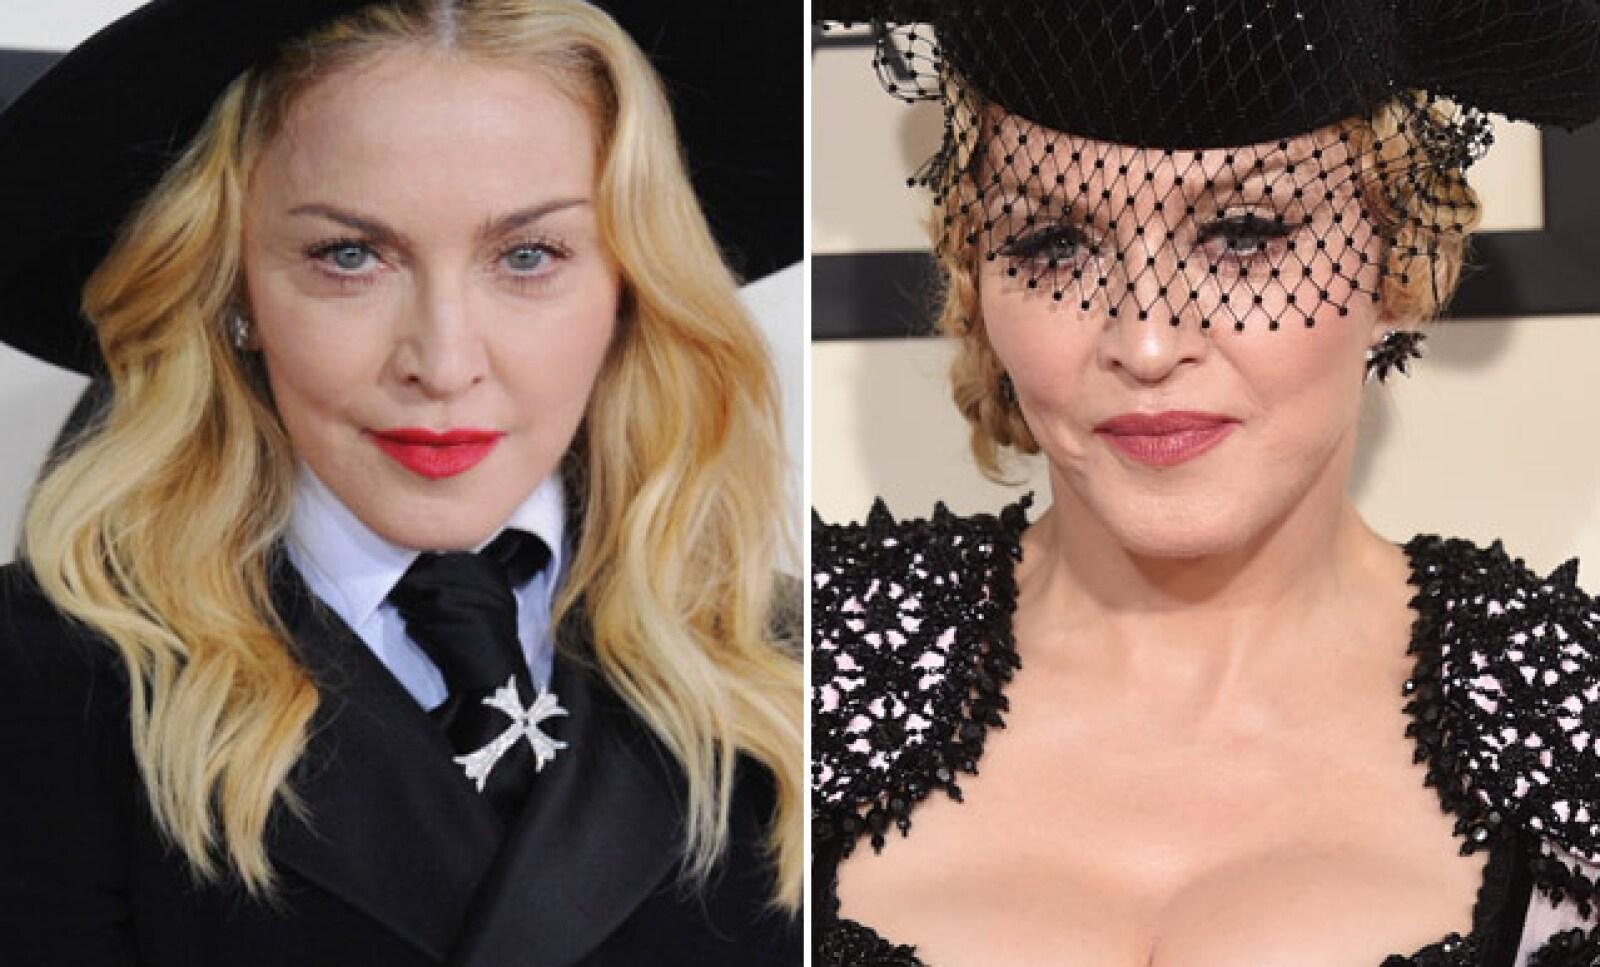 Aunque Madonna ha sido criticada por sus looks incongruentes y exhibicionismo, el maquillaje definitivamente la ha transformado en las red carpets.